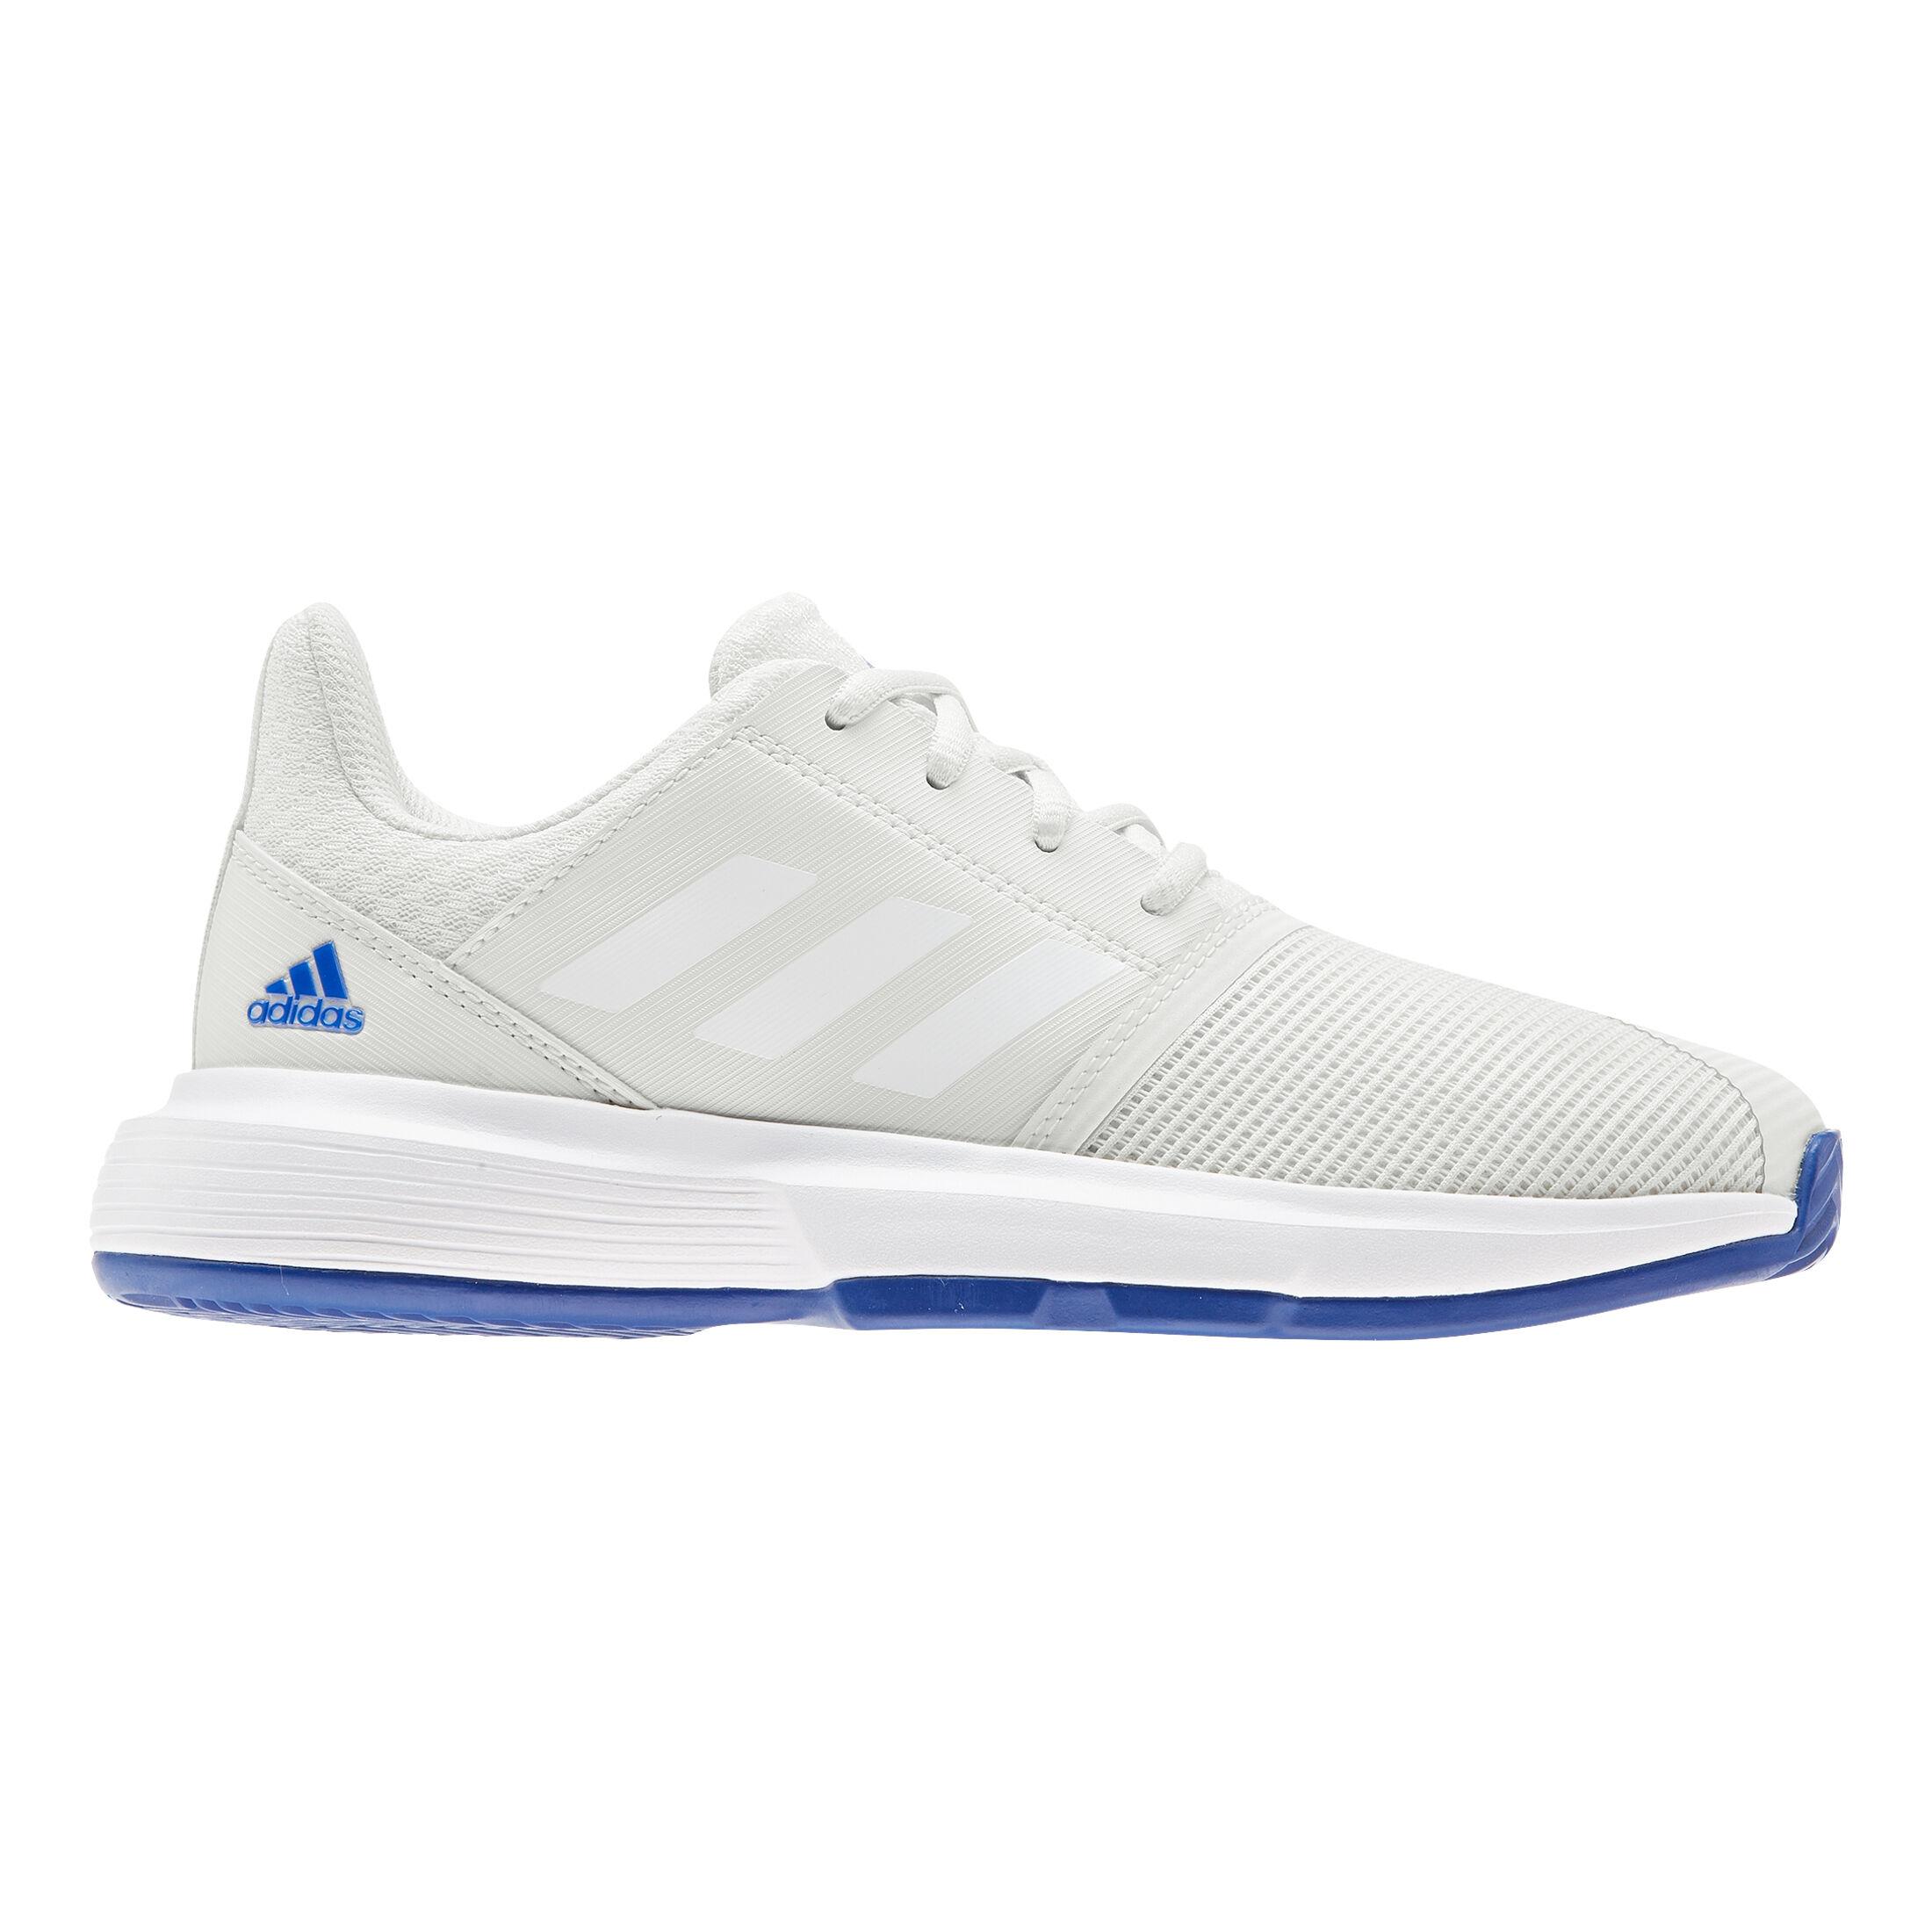 Adidas melbourne styles 2020 online kaufen | Tennis Point